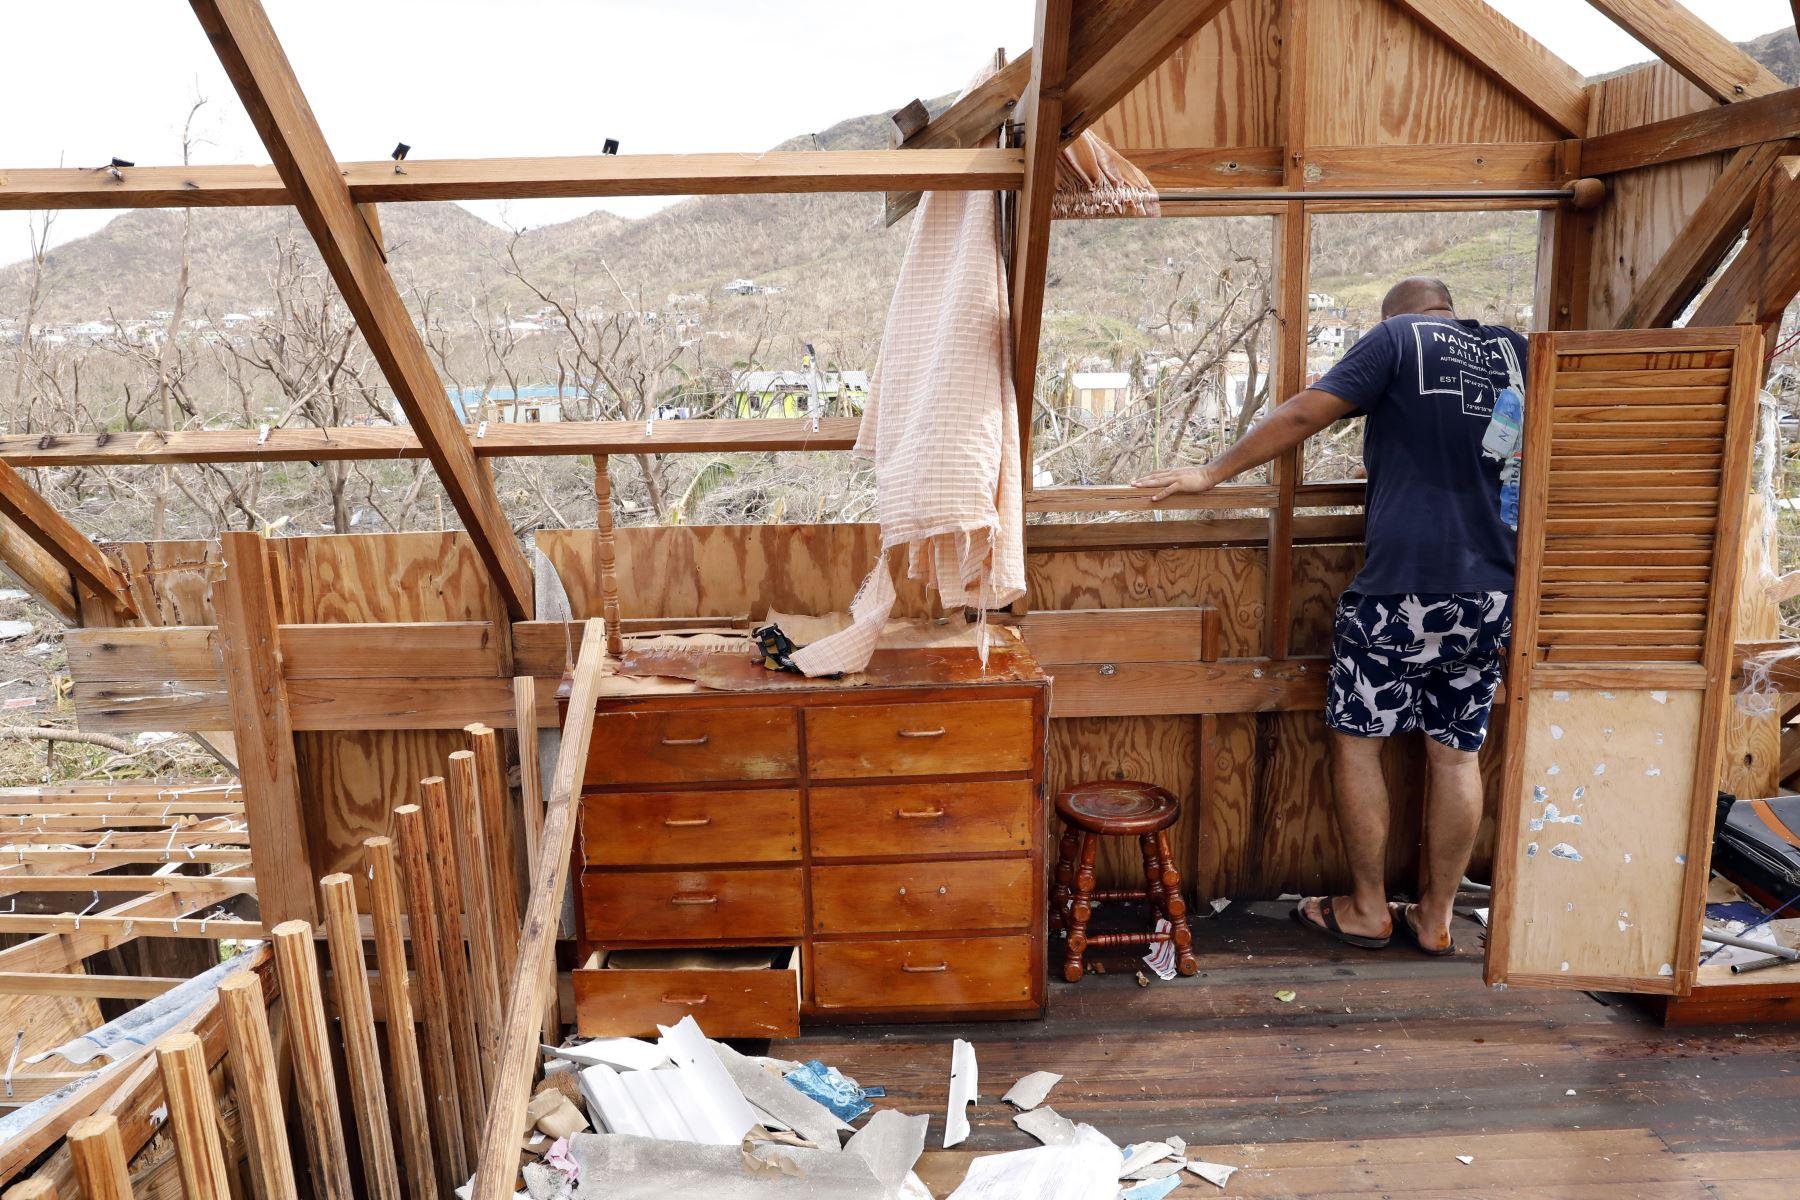 Jeanguillaume Misas se asoma a la ventana de su casa, destruida por el paso del huracán Iota en Providencia, Colombia.  Foto: ANDINA/Difusión